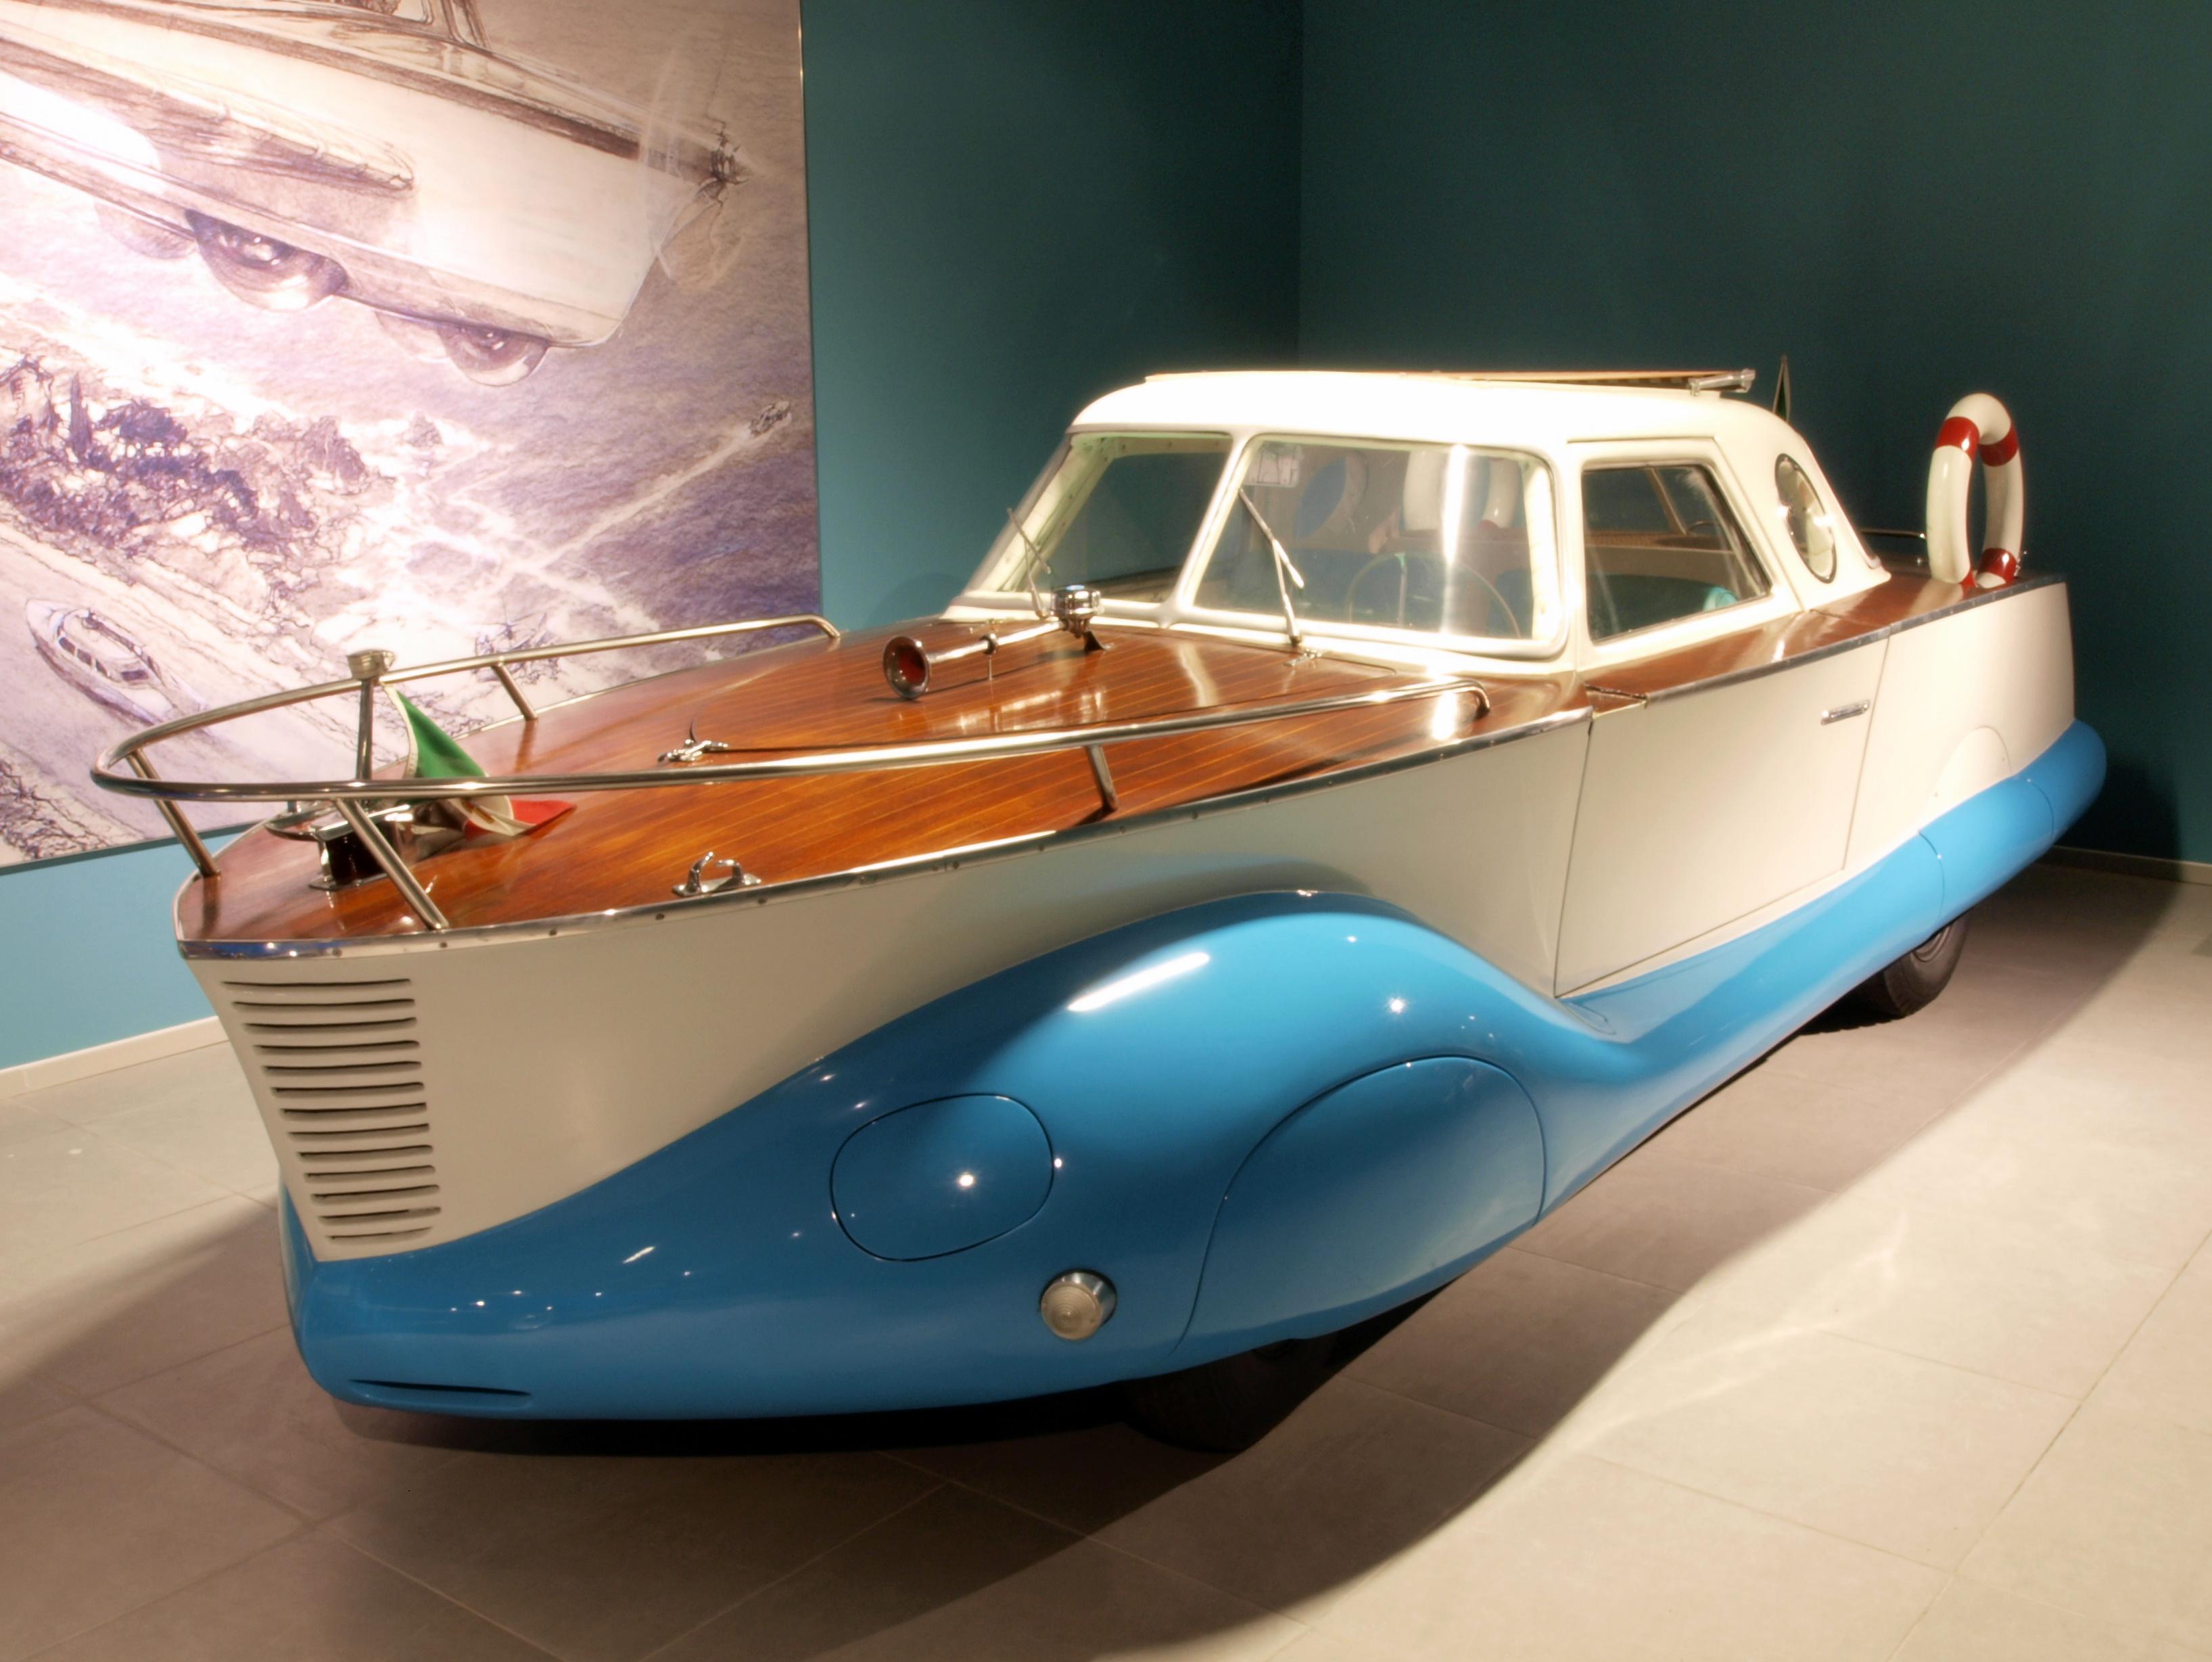 Car Boat Cars